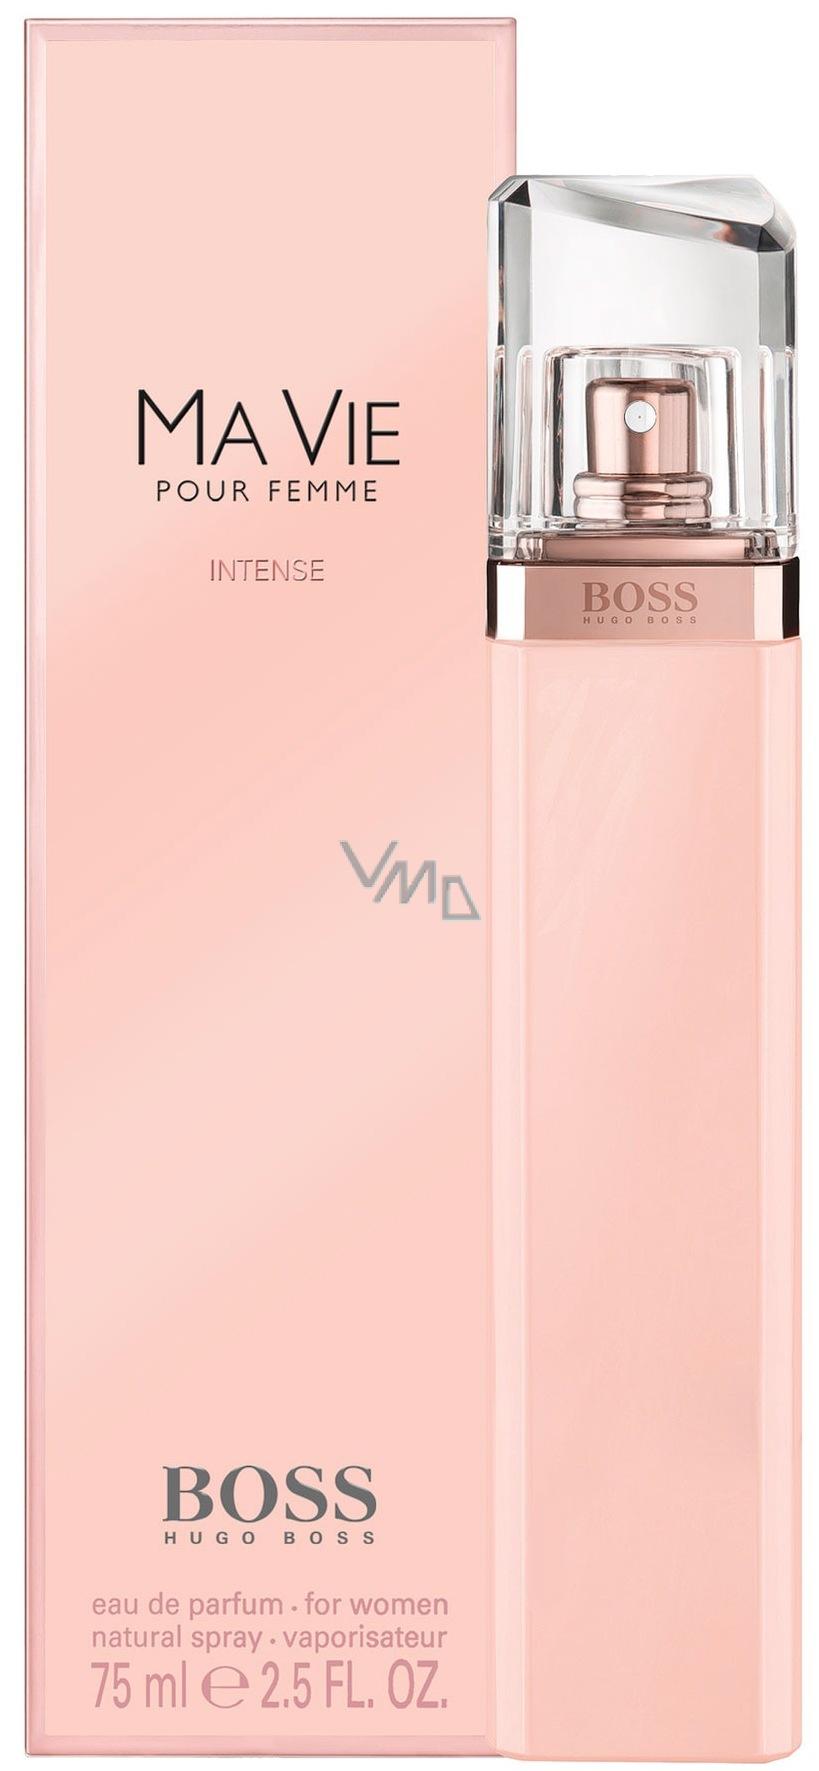 Hugo Boss Ma Vie pour Femme Intense parfémovaná voda 75 ml